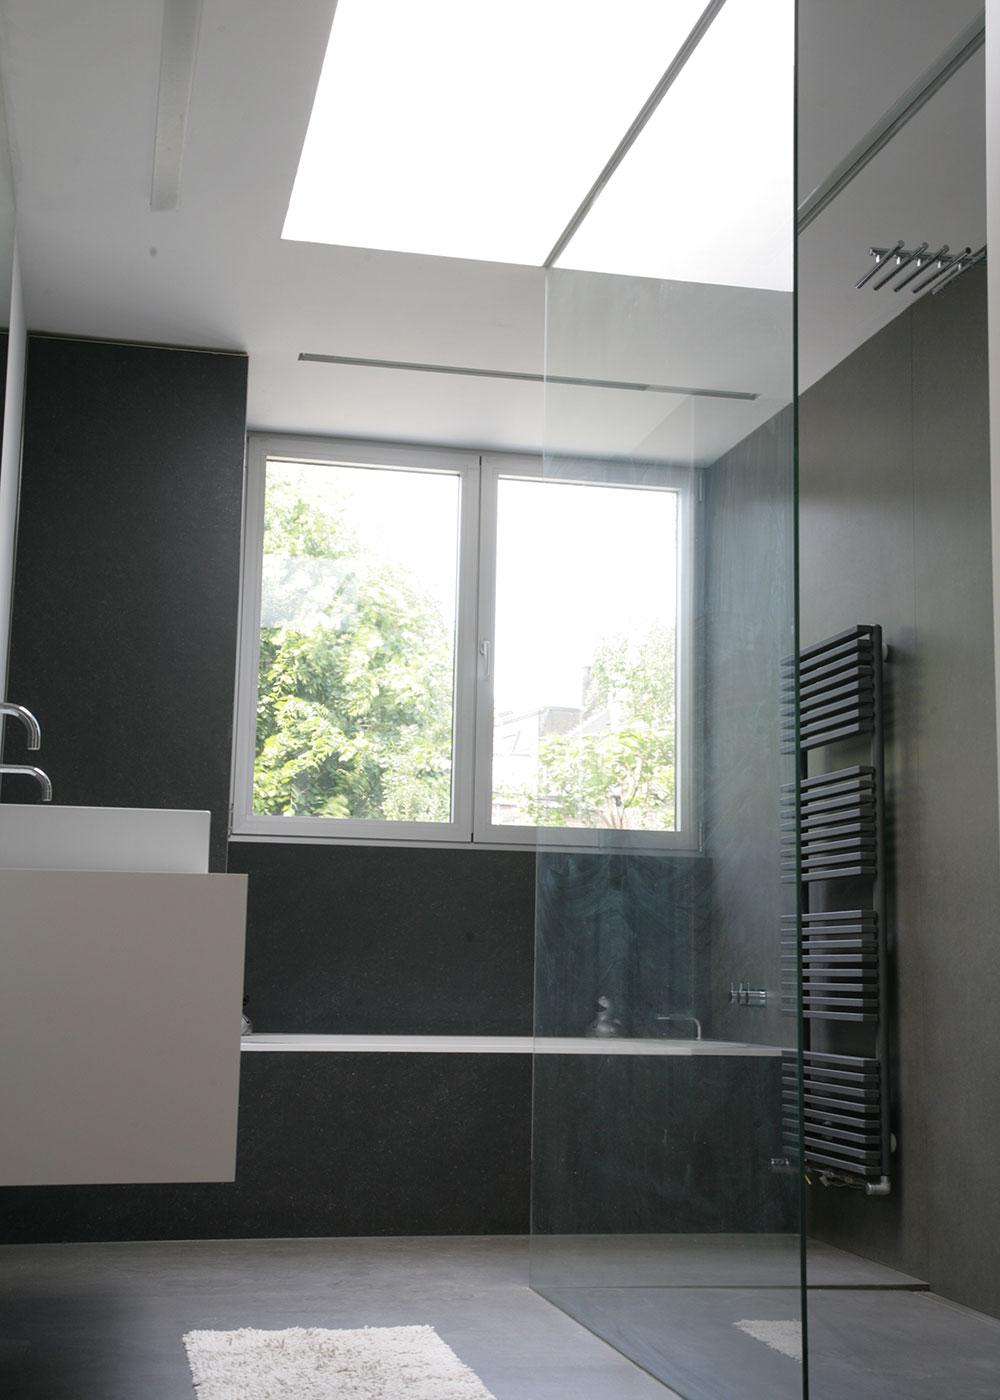 Het dubbele raam en de koepel bovenaan zorgen voor voldoende natuurlijk licht in de badkamer.